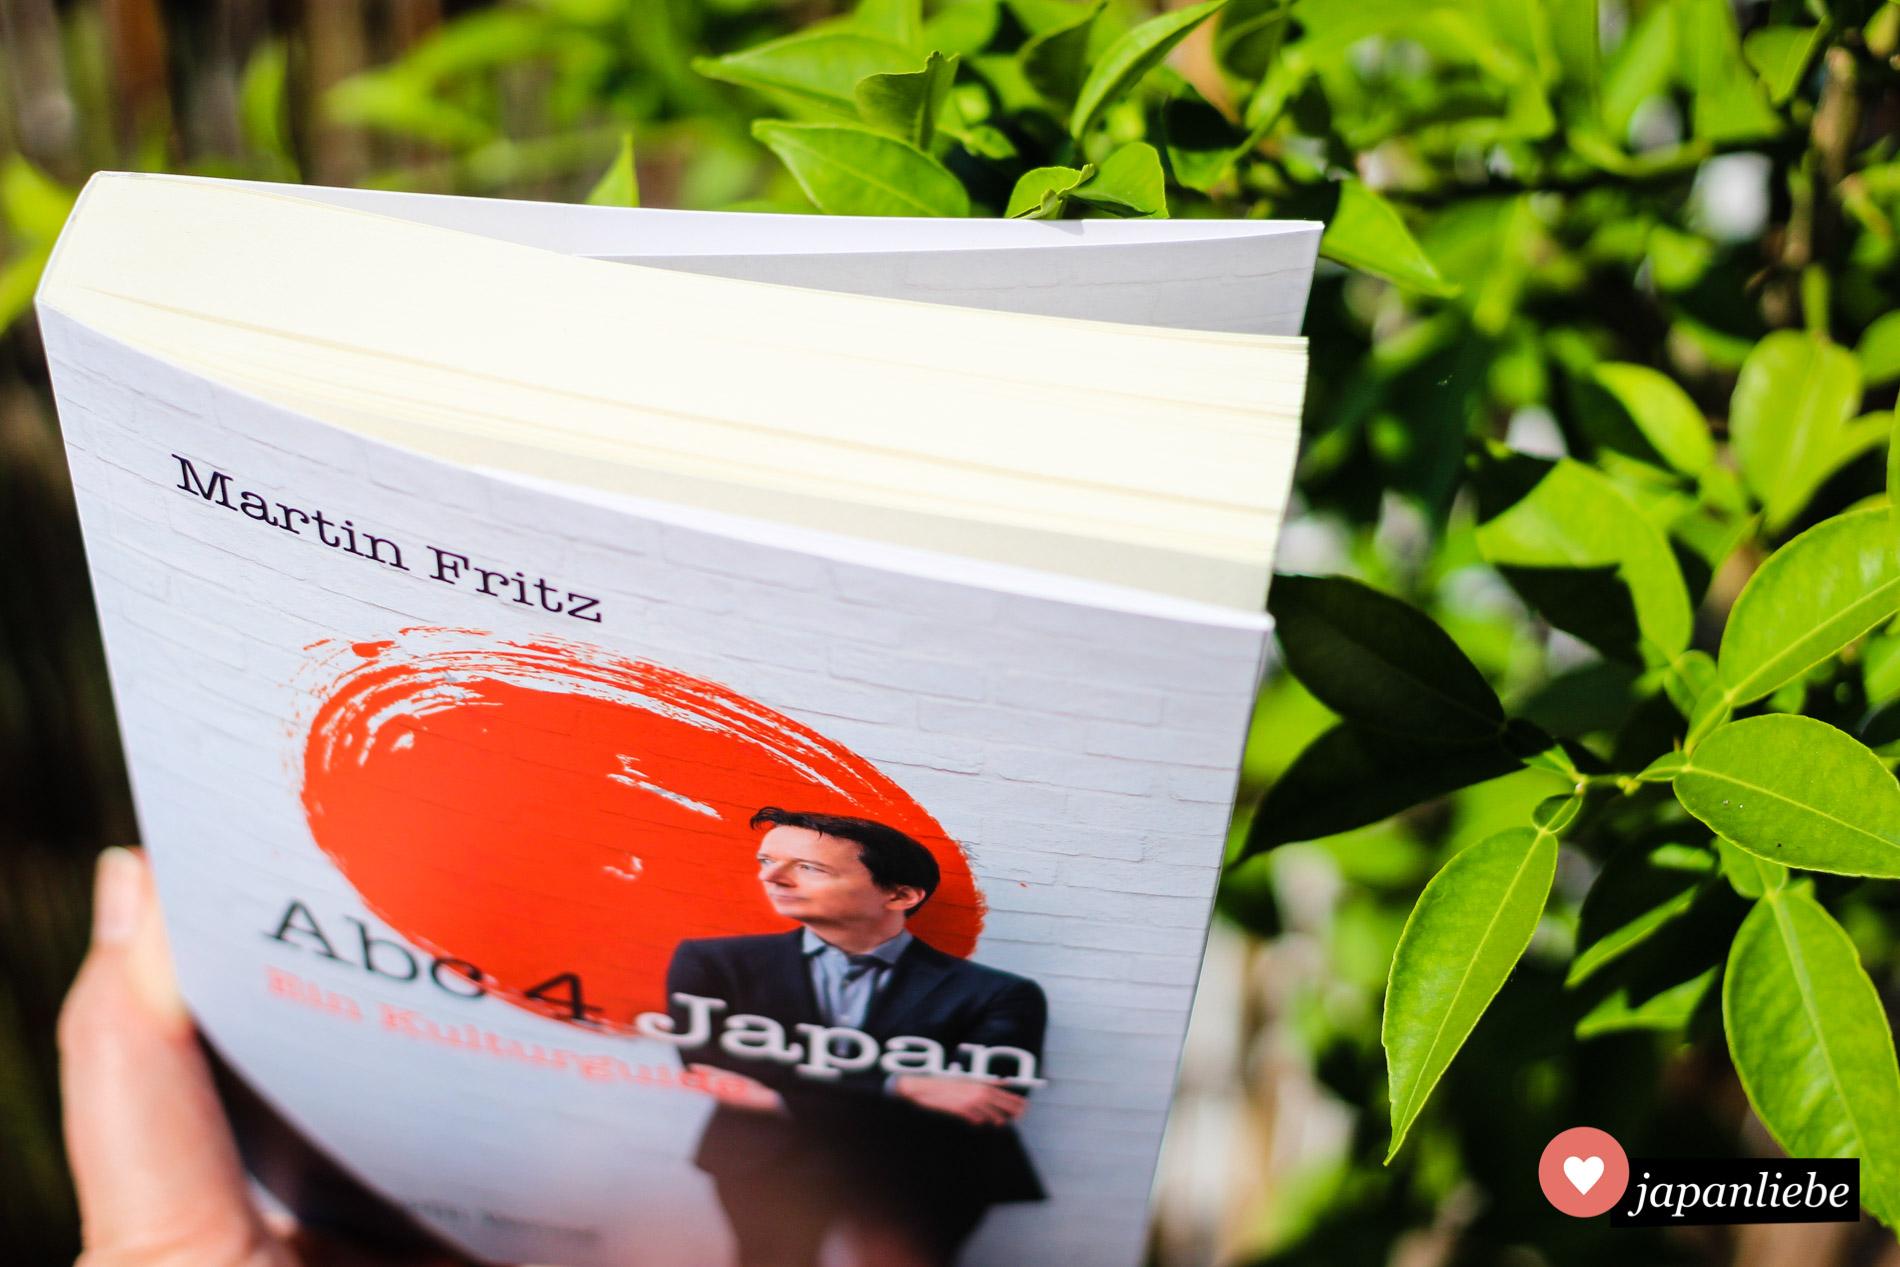 """""""Abc 4 Japan"""" ist im Staempfli Verlag als broschiertes Taschenbuch erschienen."""